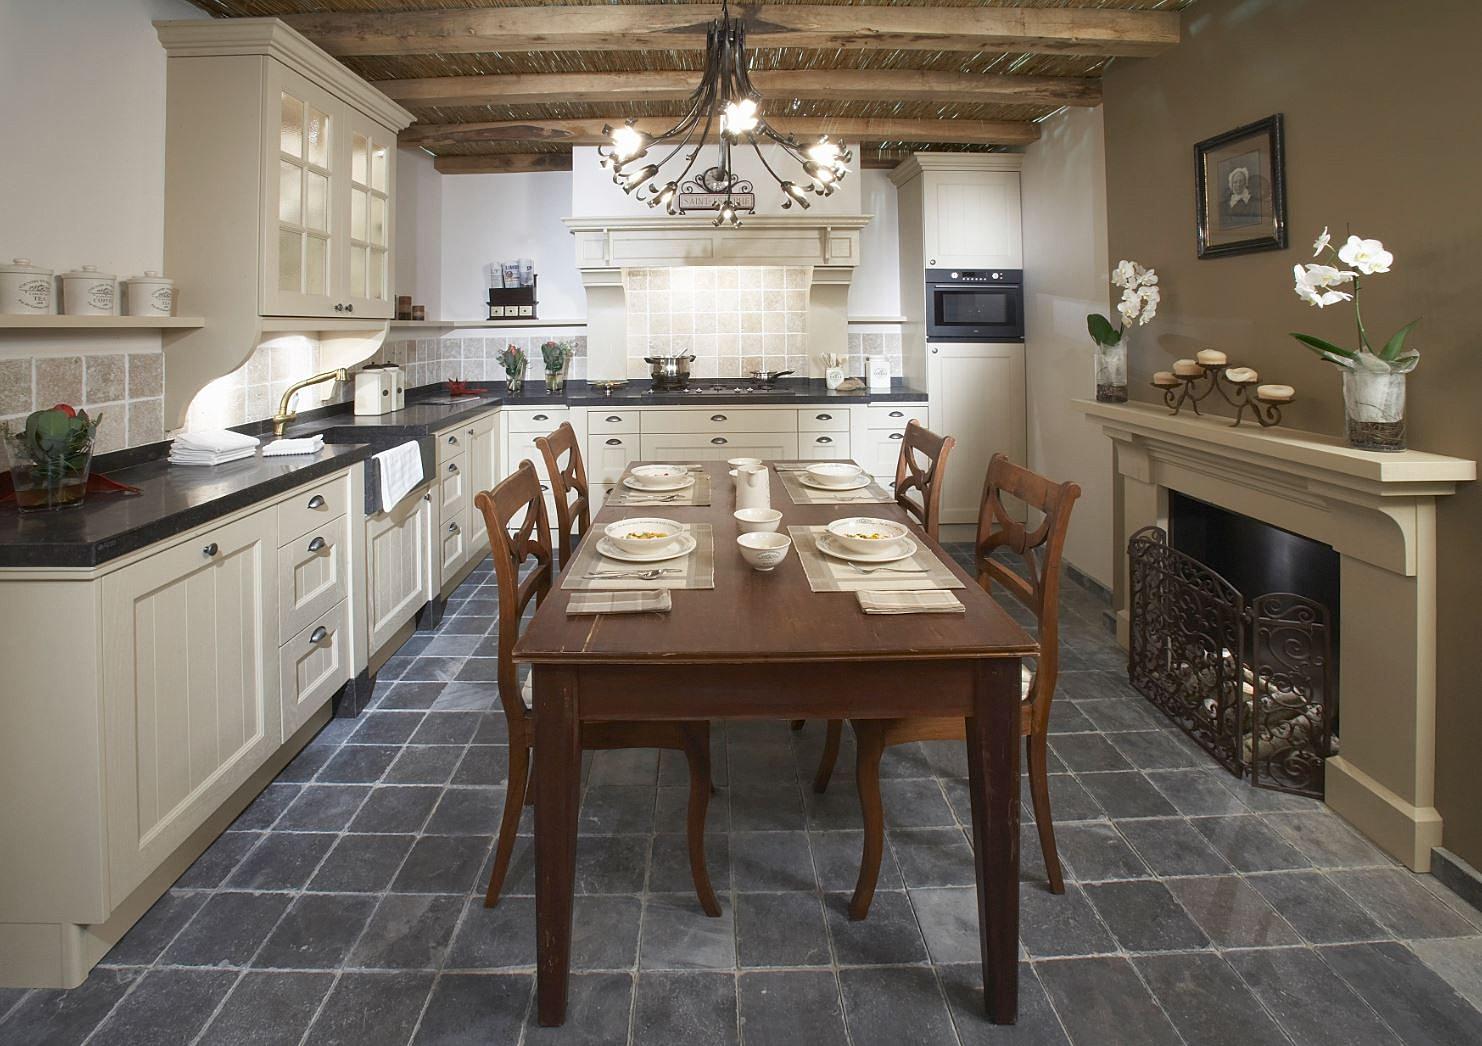 ... kwalitet niet duur hoeft te zijn  maatwerk keukens, greeploze keukens